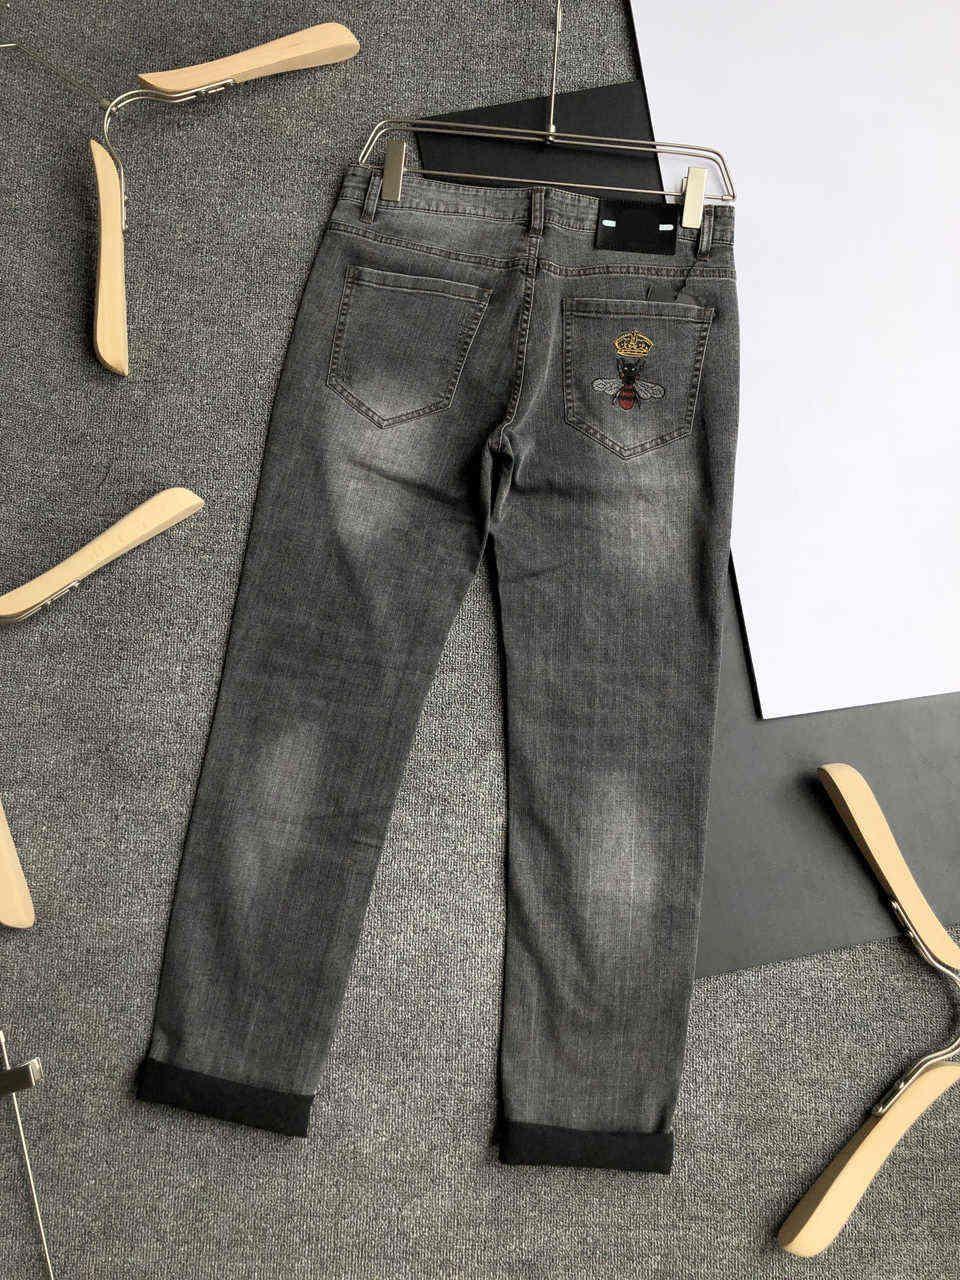 Мужские джинсы штаны джинсовой моды Новые стильные джинсы Мужчины Уличная повседневные брюки с буквенными Горячие продажи Джинсы Одежда Размер 29-40